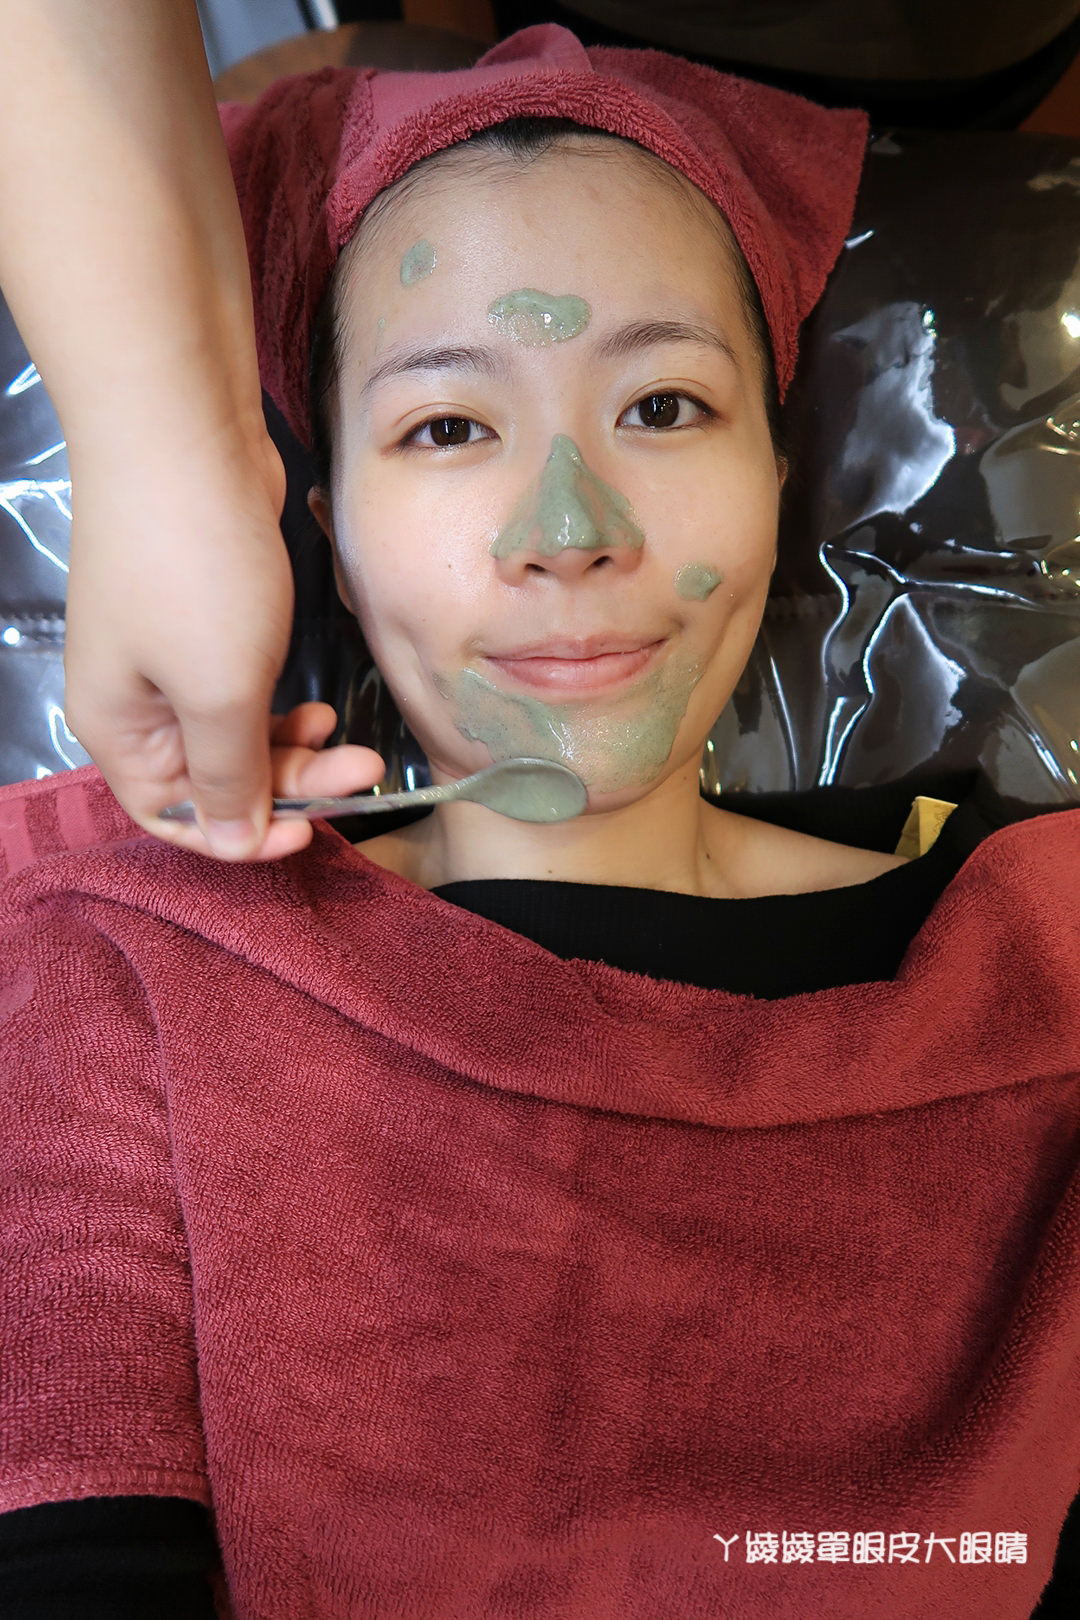 台中美容SPA做臉推薦|益菲士皮膚管理中心,近中國醫藥大學